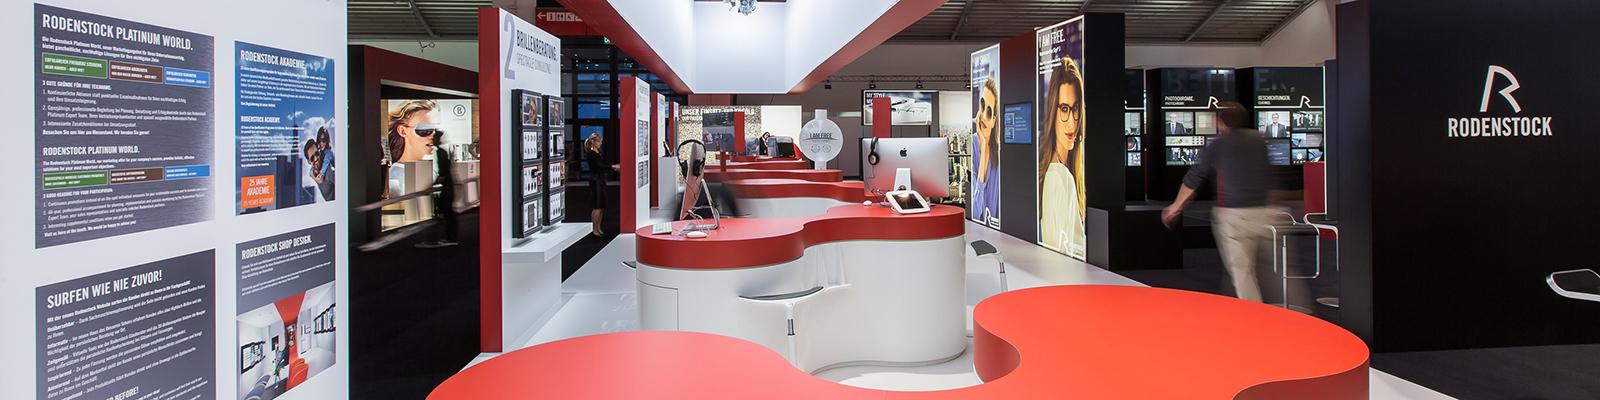 willkommen beim bdia bayern bdia bund deutscher. Black Bedroom Furniture Sets. Home Design Ideas